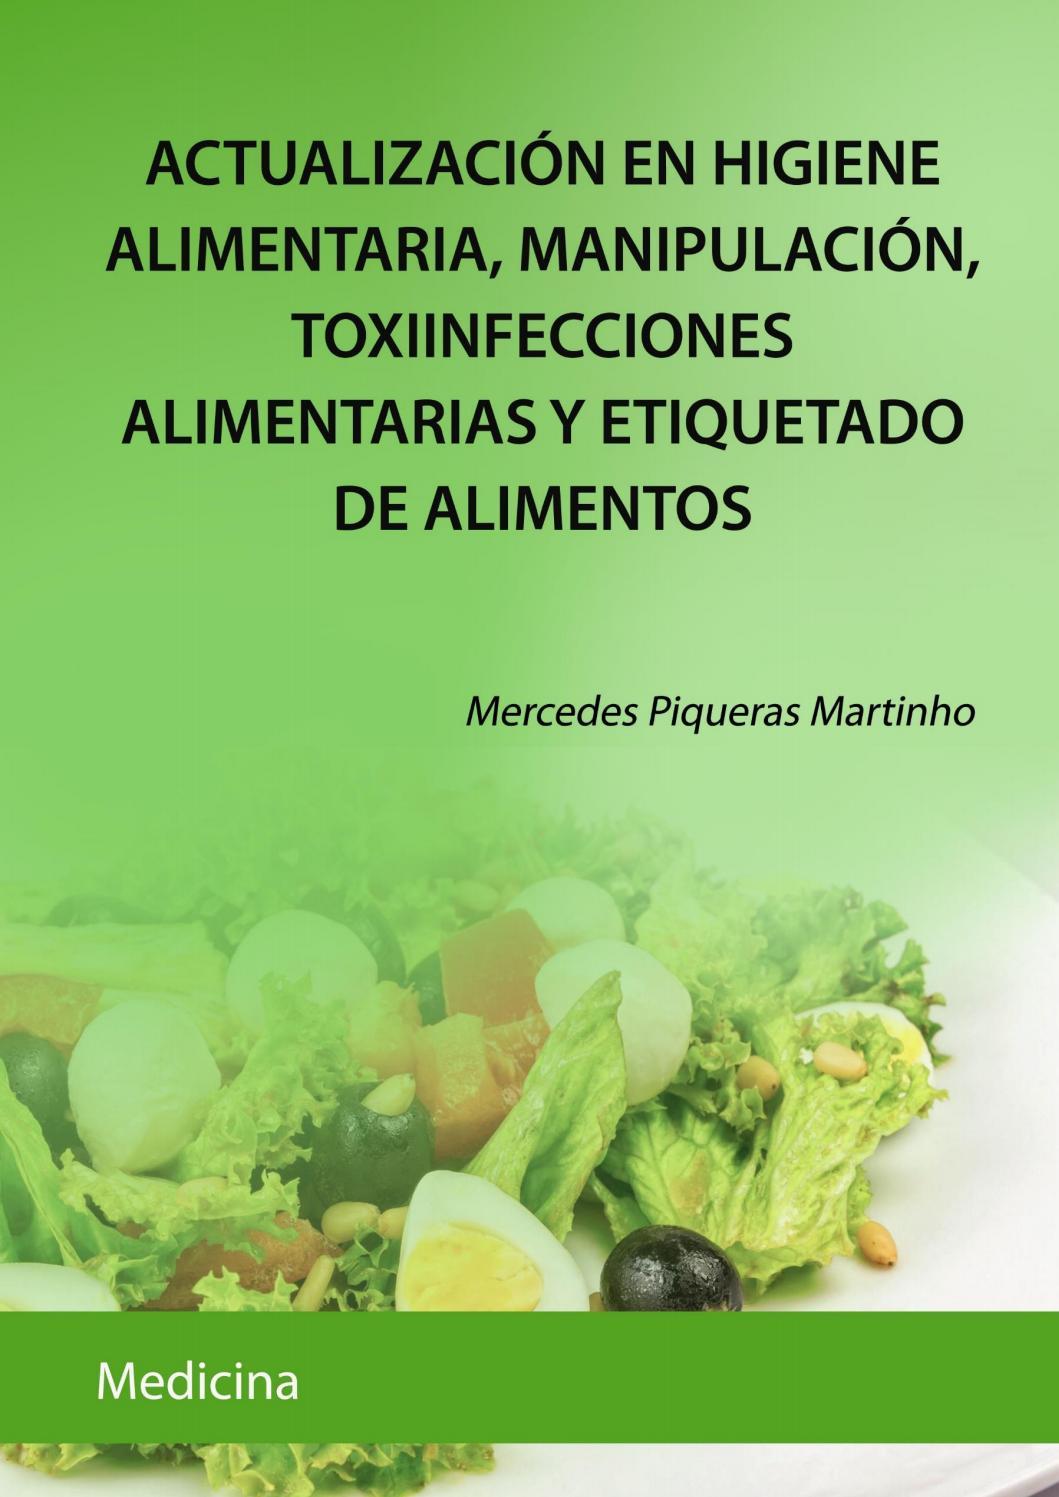 Actualización en higiene alimentaria, manipulación, toxiinfecciones ...